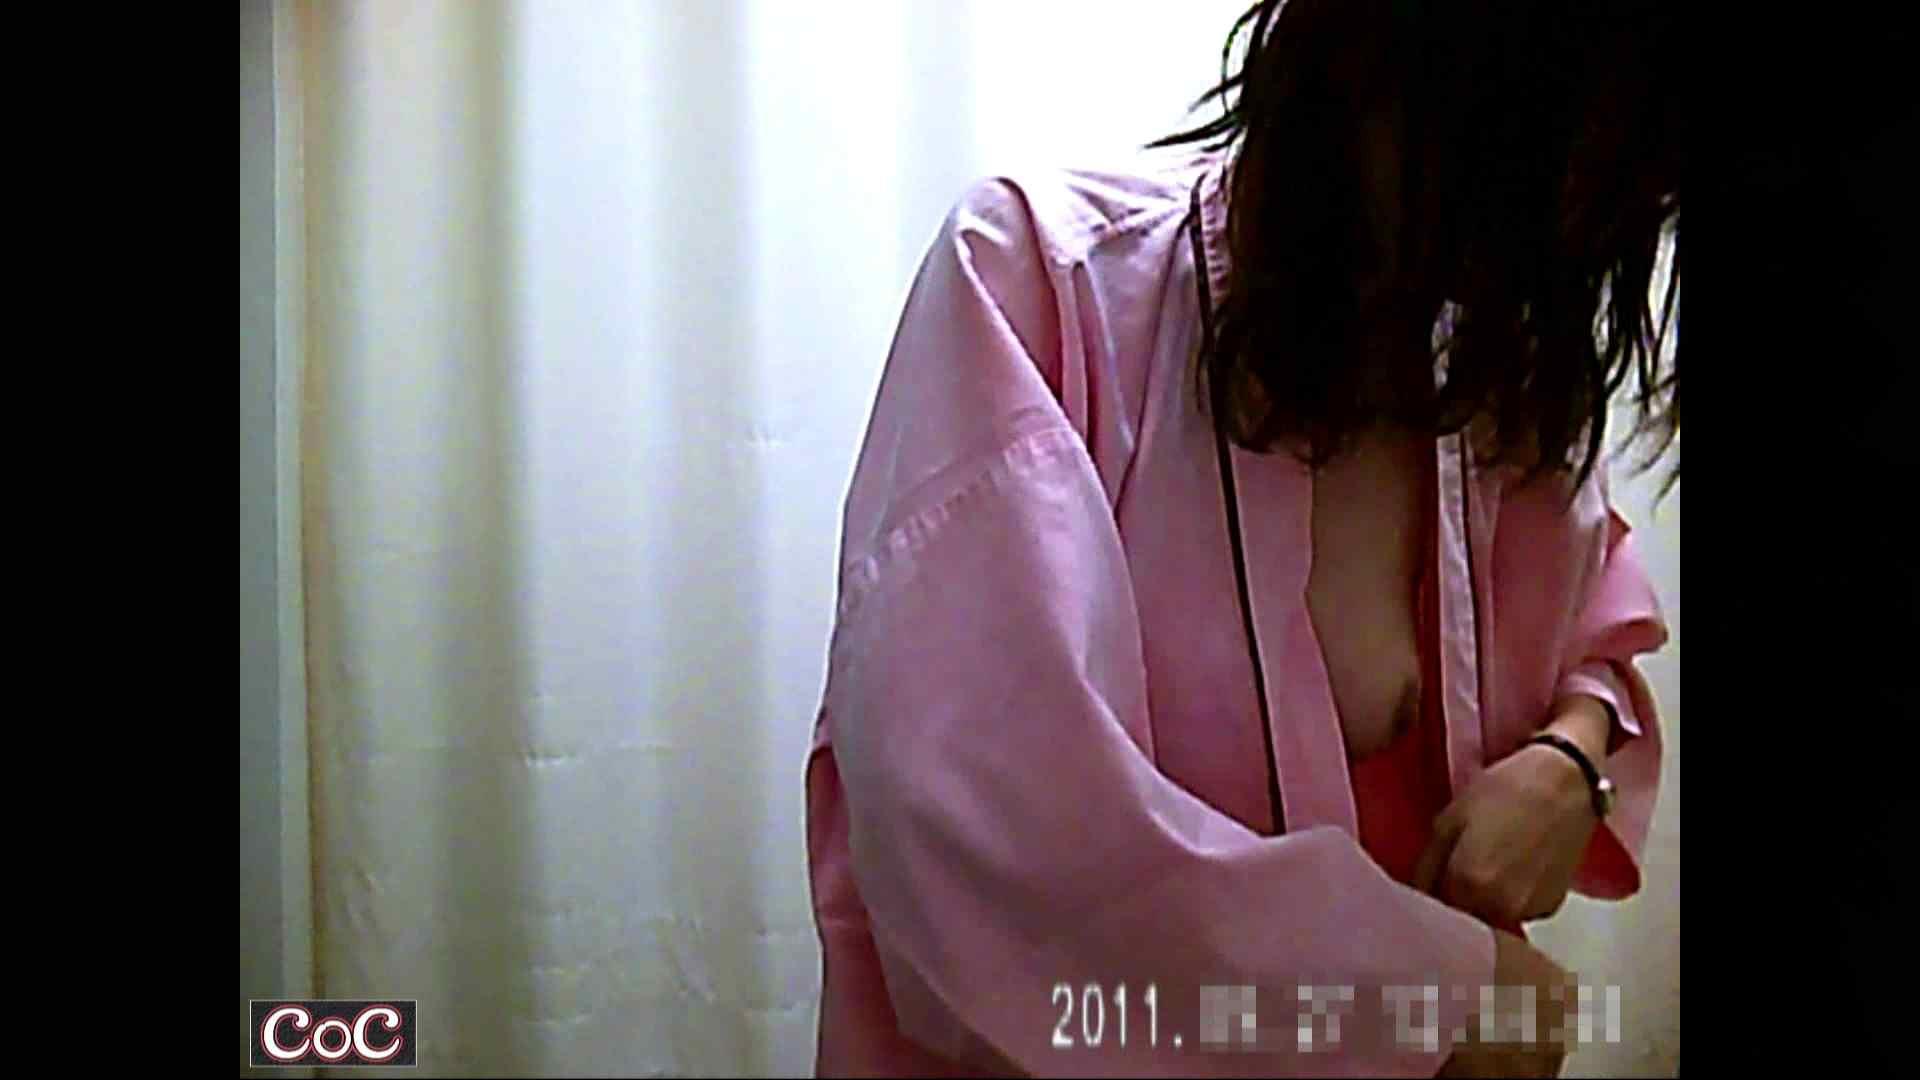 病院おもいっきり着替え! vol.37 貧乳 オメコ無修正動画無料 76pic 62